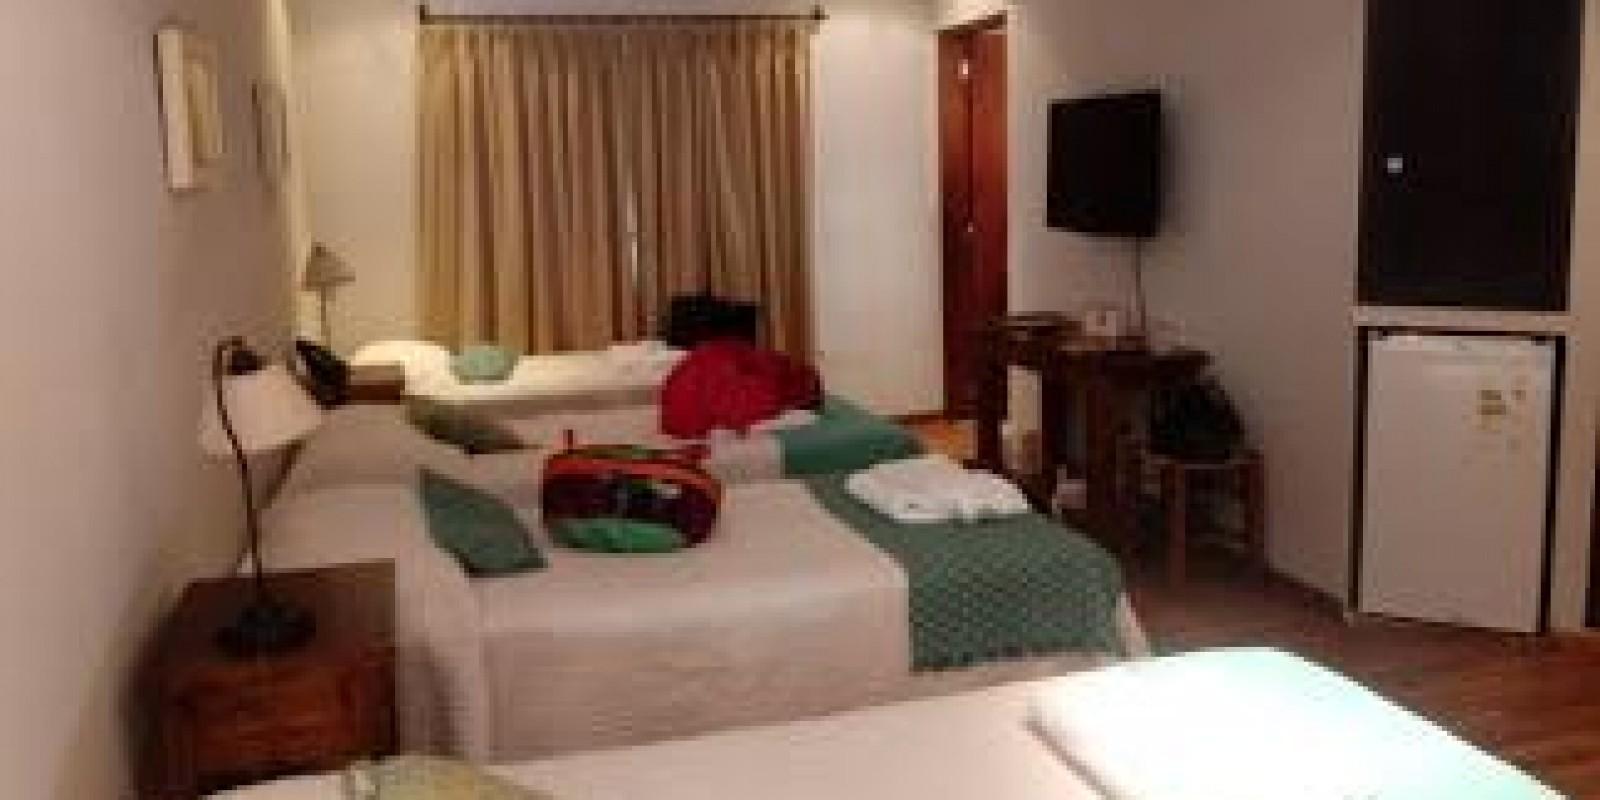 Hotel Rio Arriba - Bella Vista - Rio Parana  - Foto 6 de 15